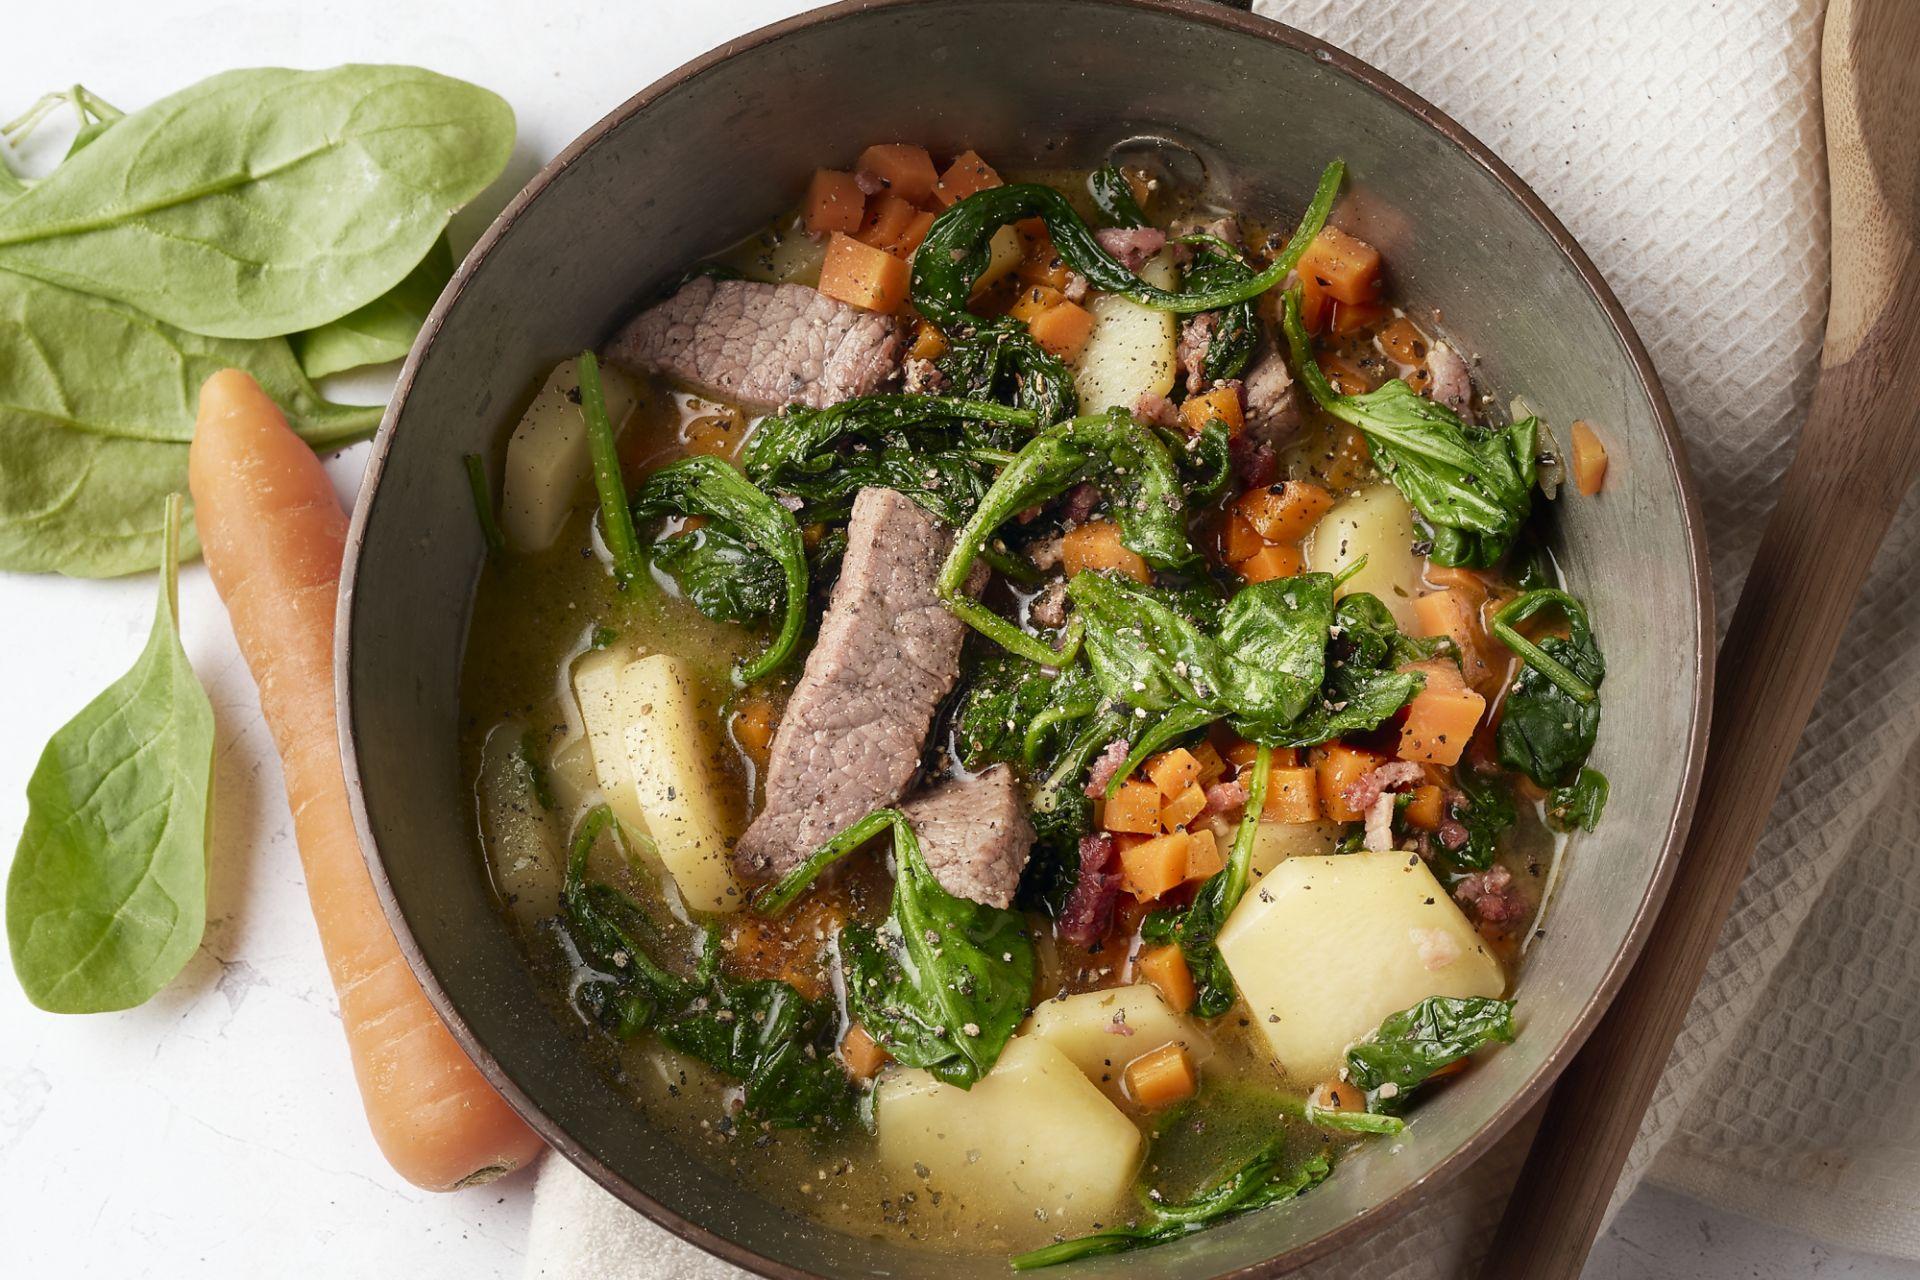 Snel stoofpotje van runderreepjes, wortel en spinazie